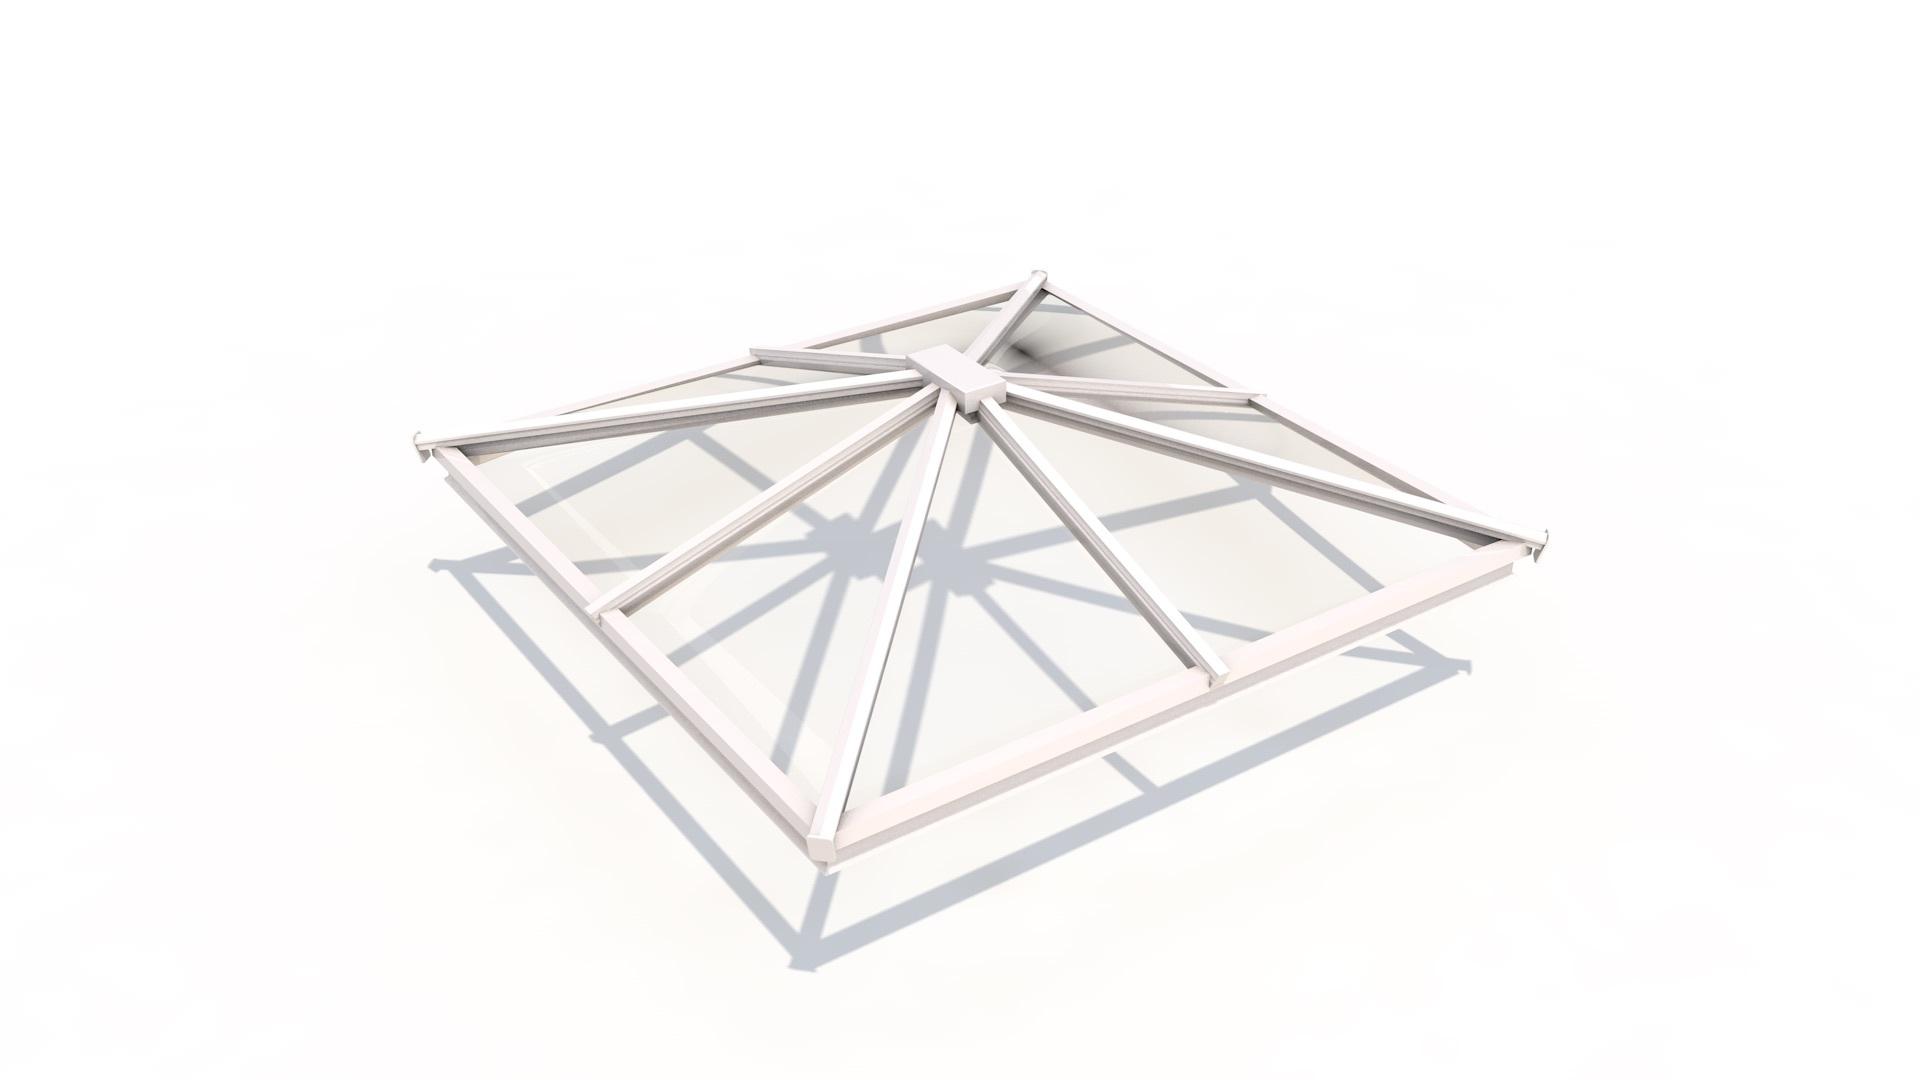 Pyramid 3m x 3m - Pyramid Skylight